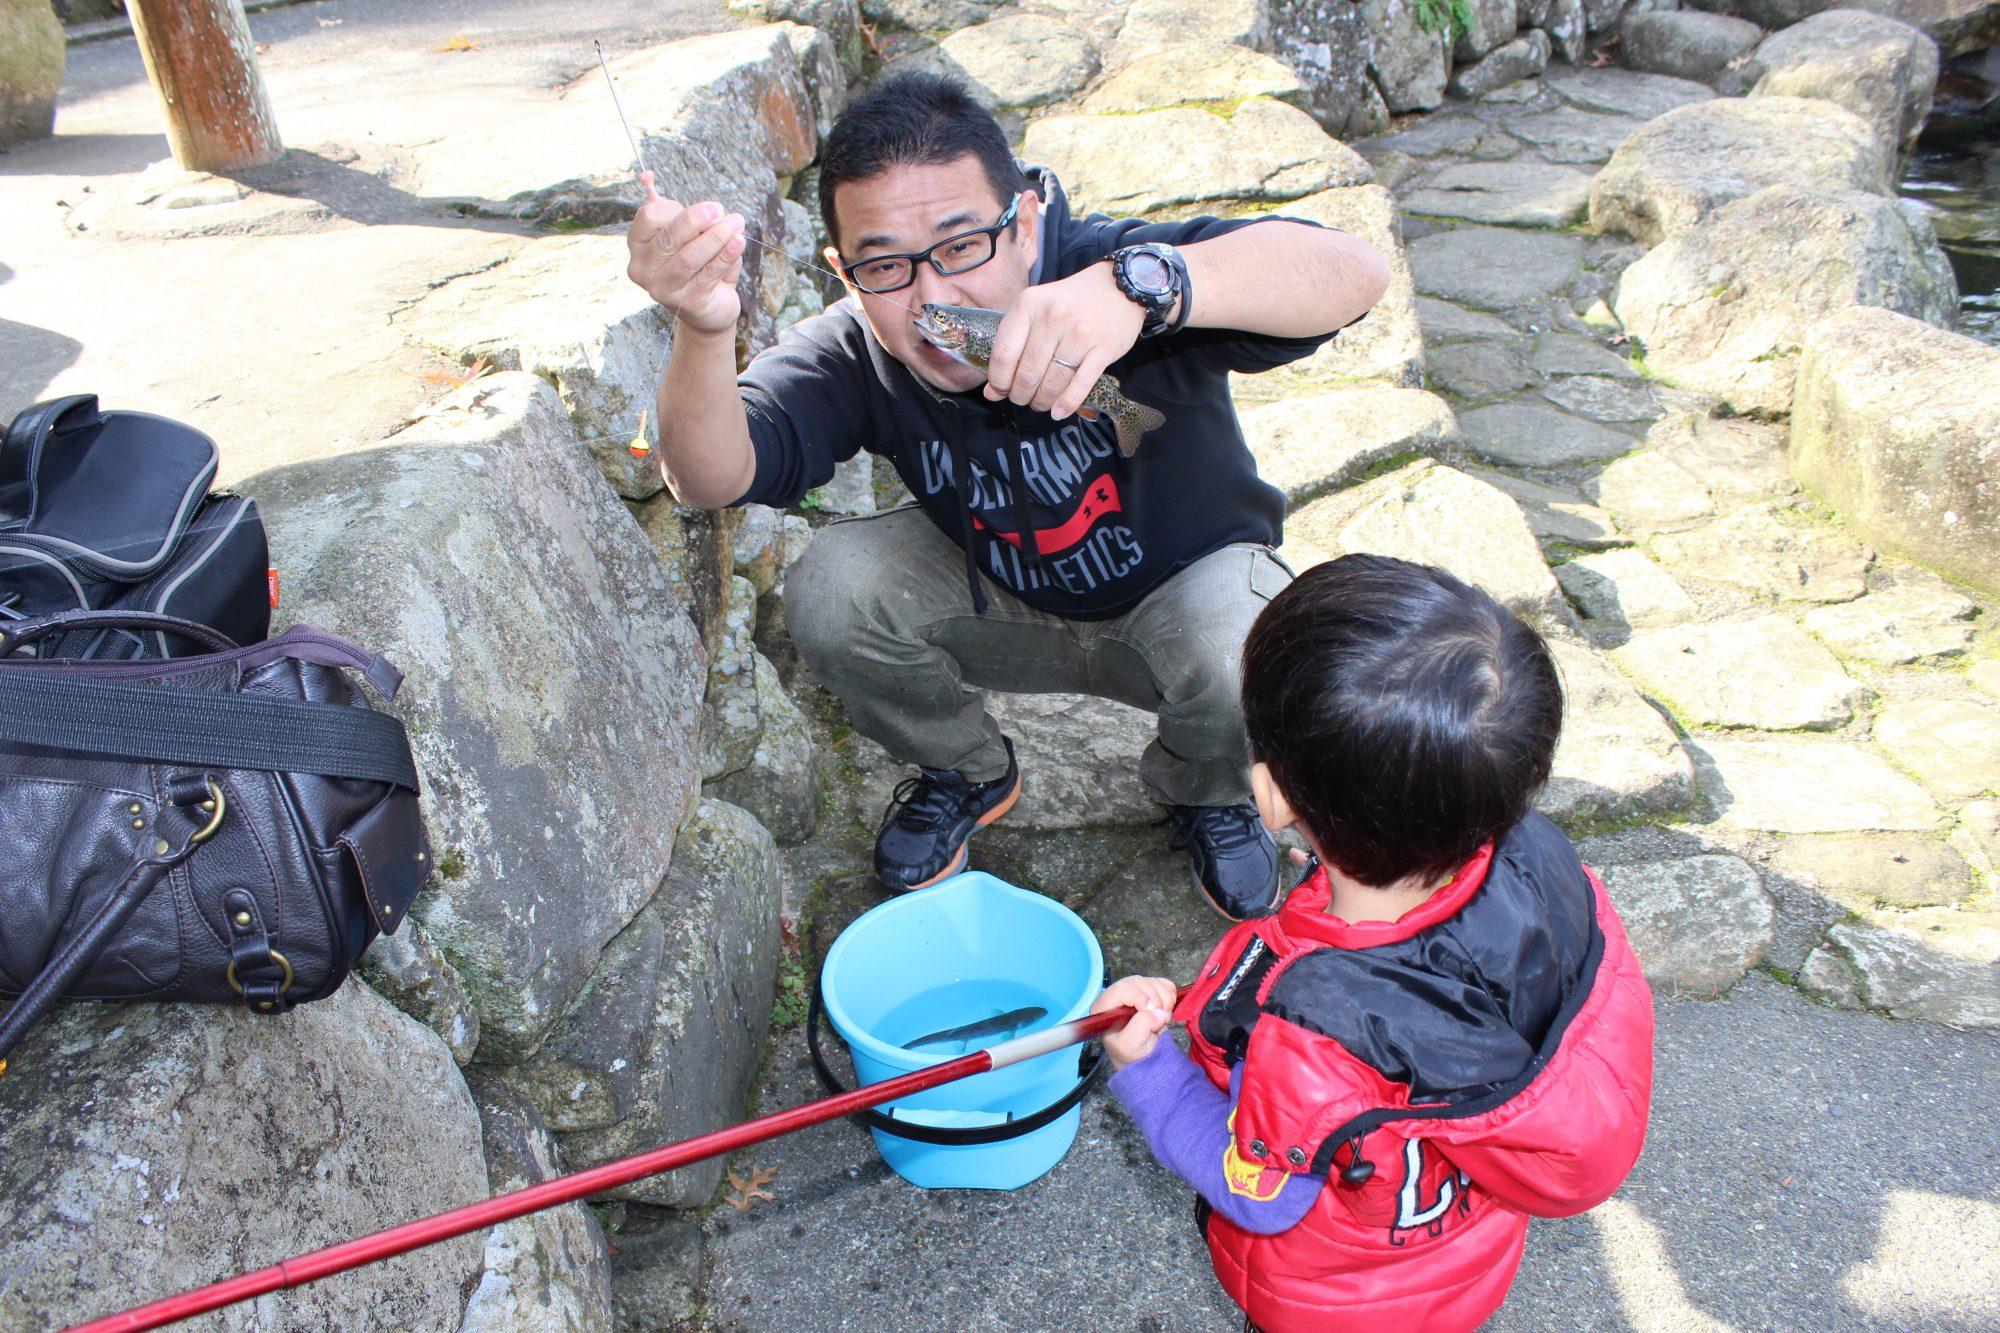 津和野の温泉旅館行ってきました。